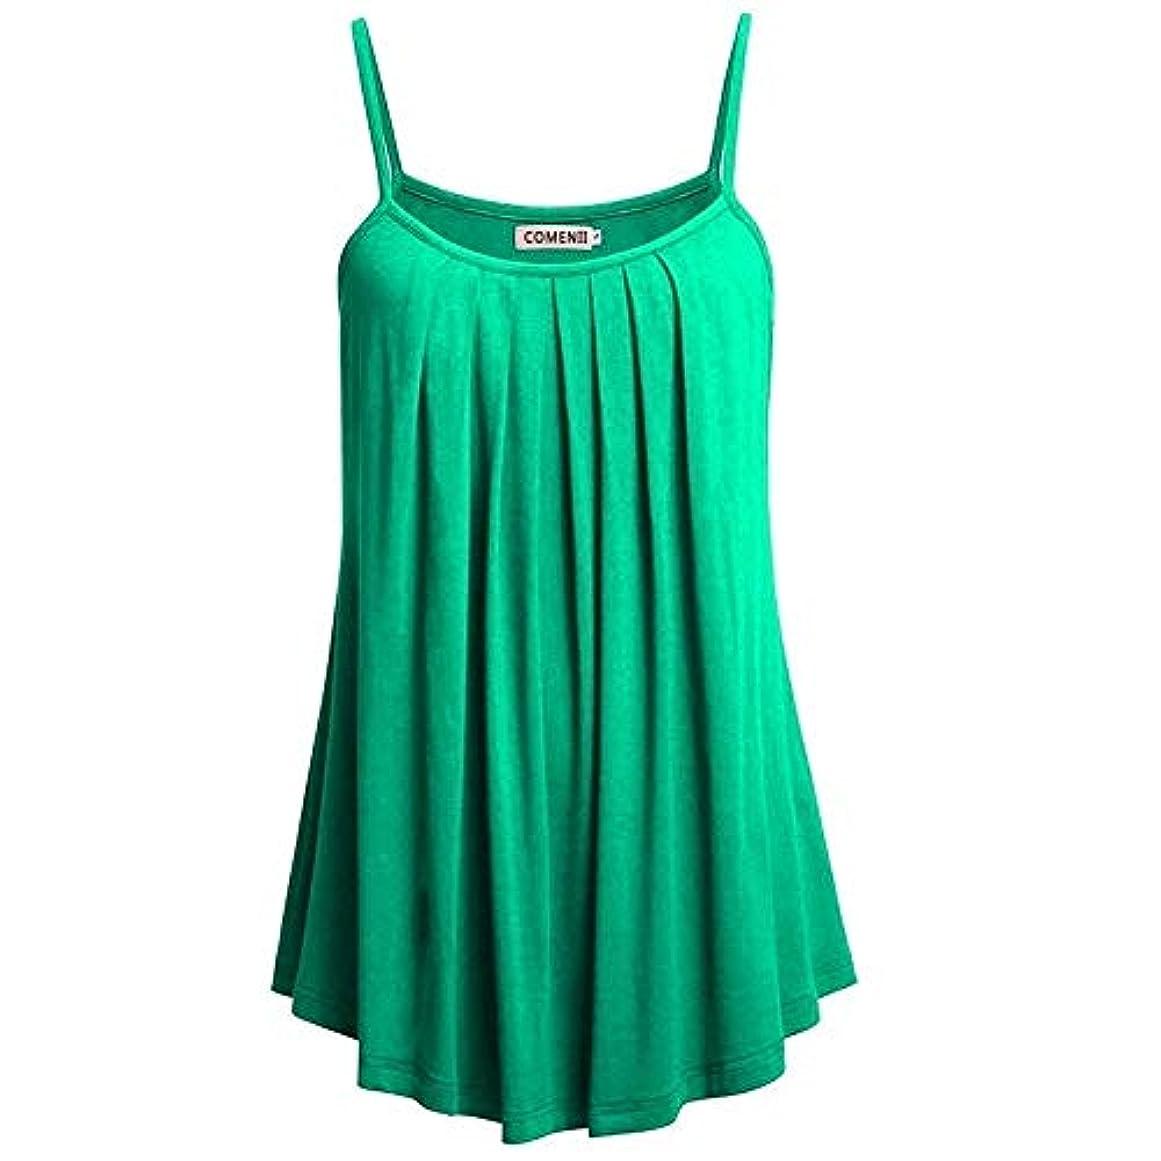 調整可能変色するリンスMIFAN ノースリーブトップス、タンクトップ、プラスサイズトップ、サマートップス、女性ブラウス、カジュアルシャツ、トップス&Tシャツ